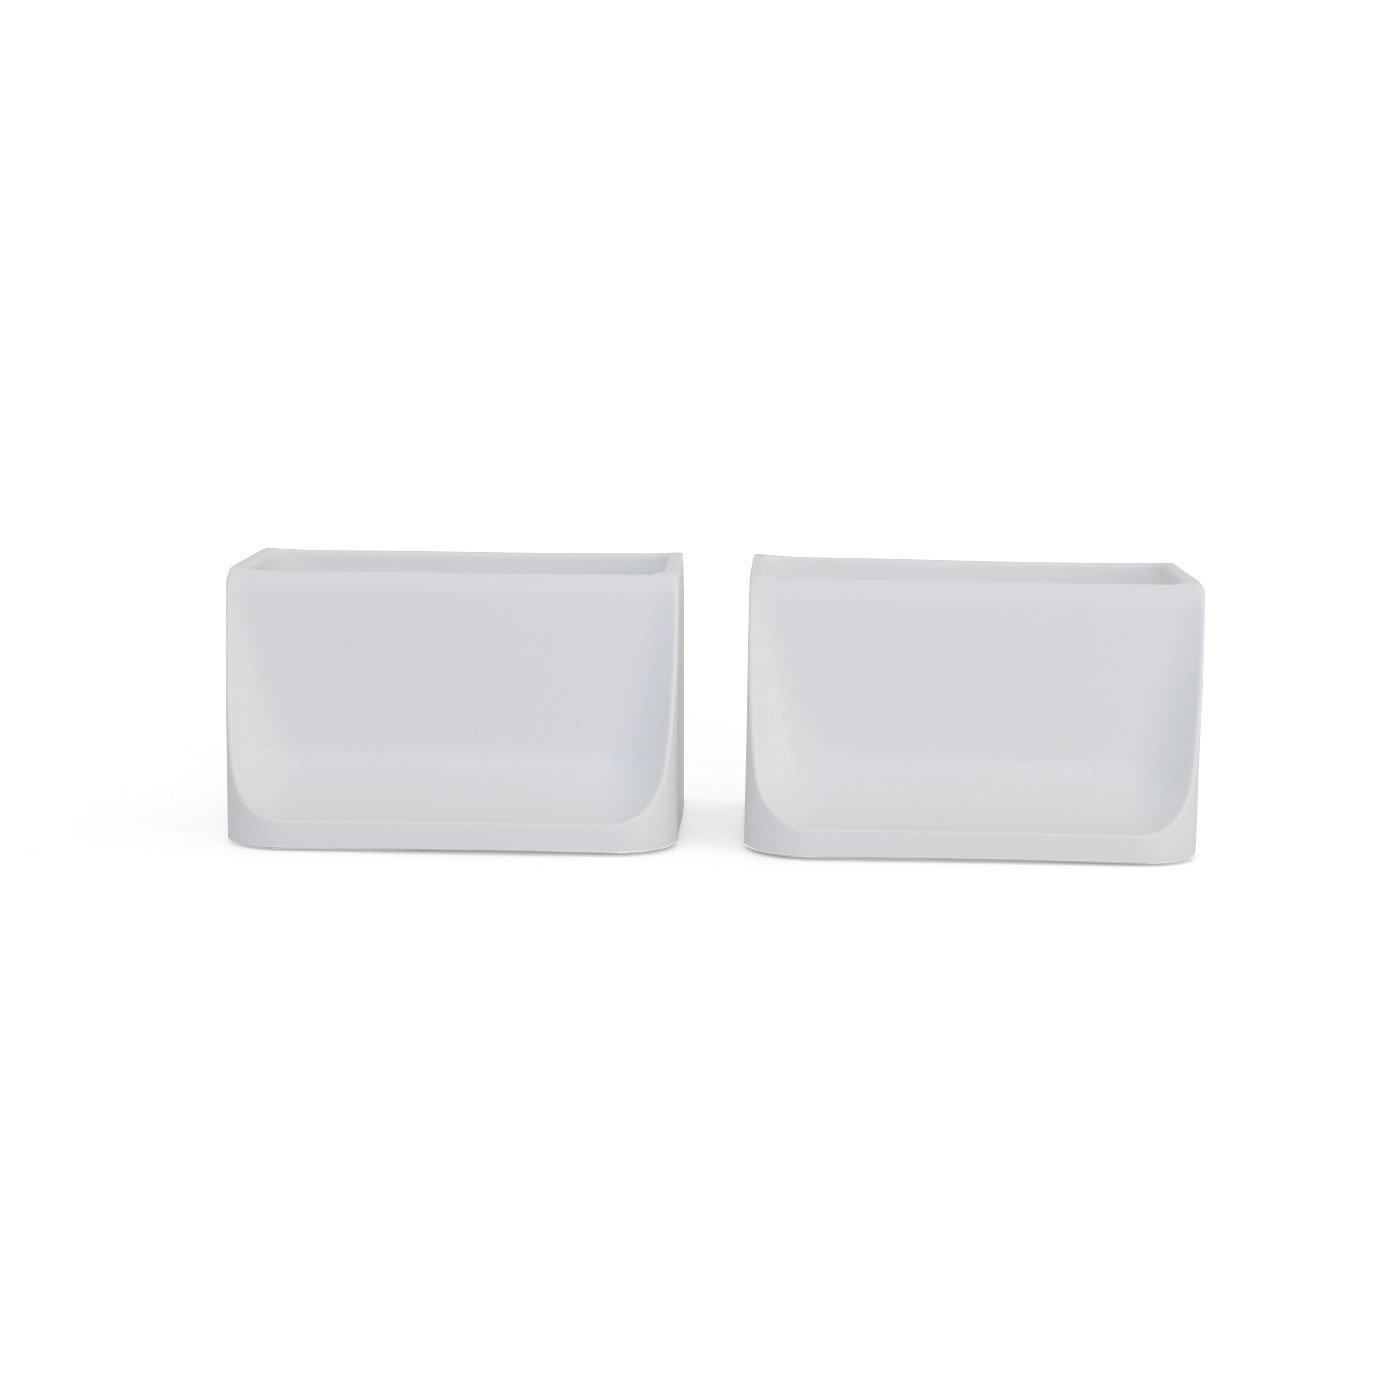 ディアウォール 2×4材用壁面突っ張りパーツ ホワイト